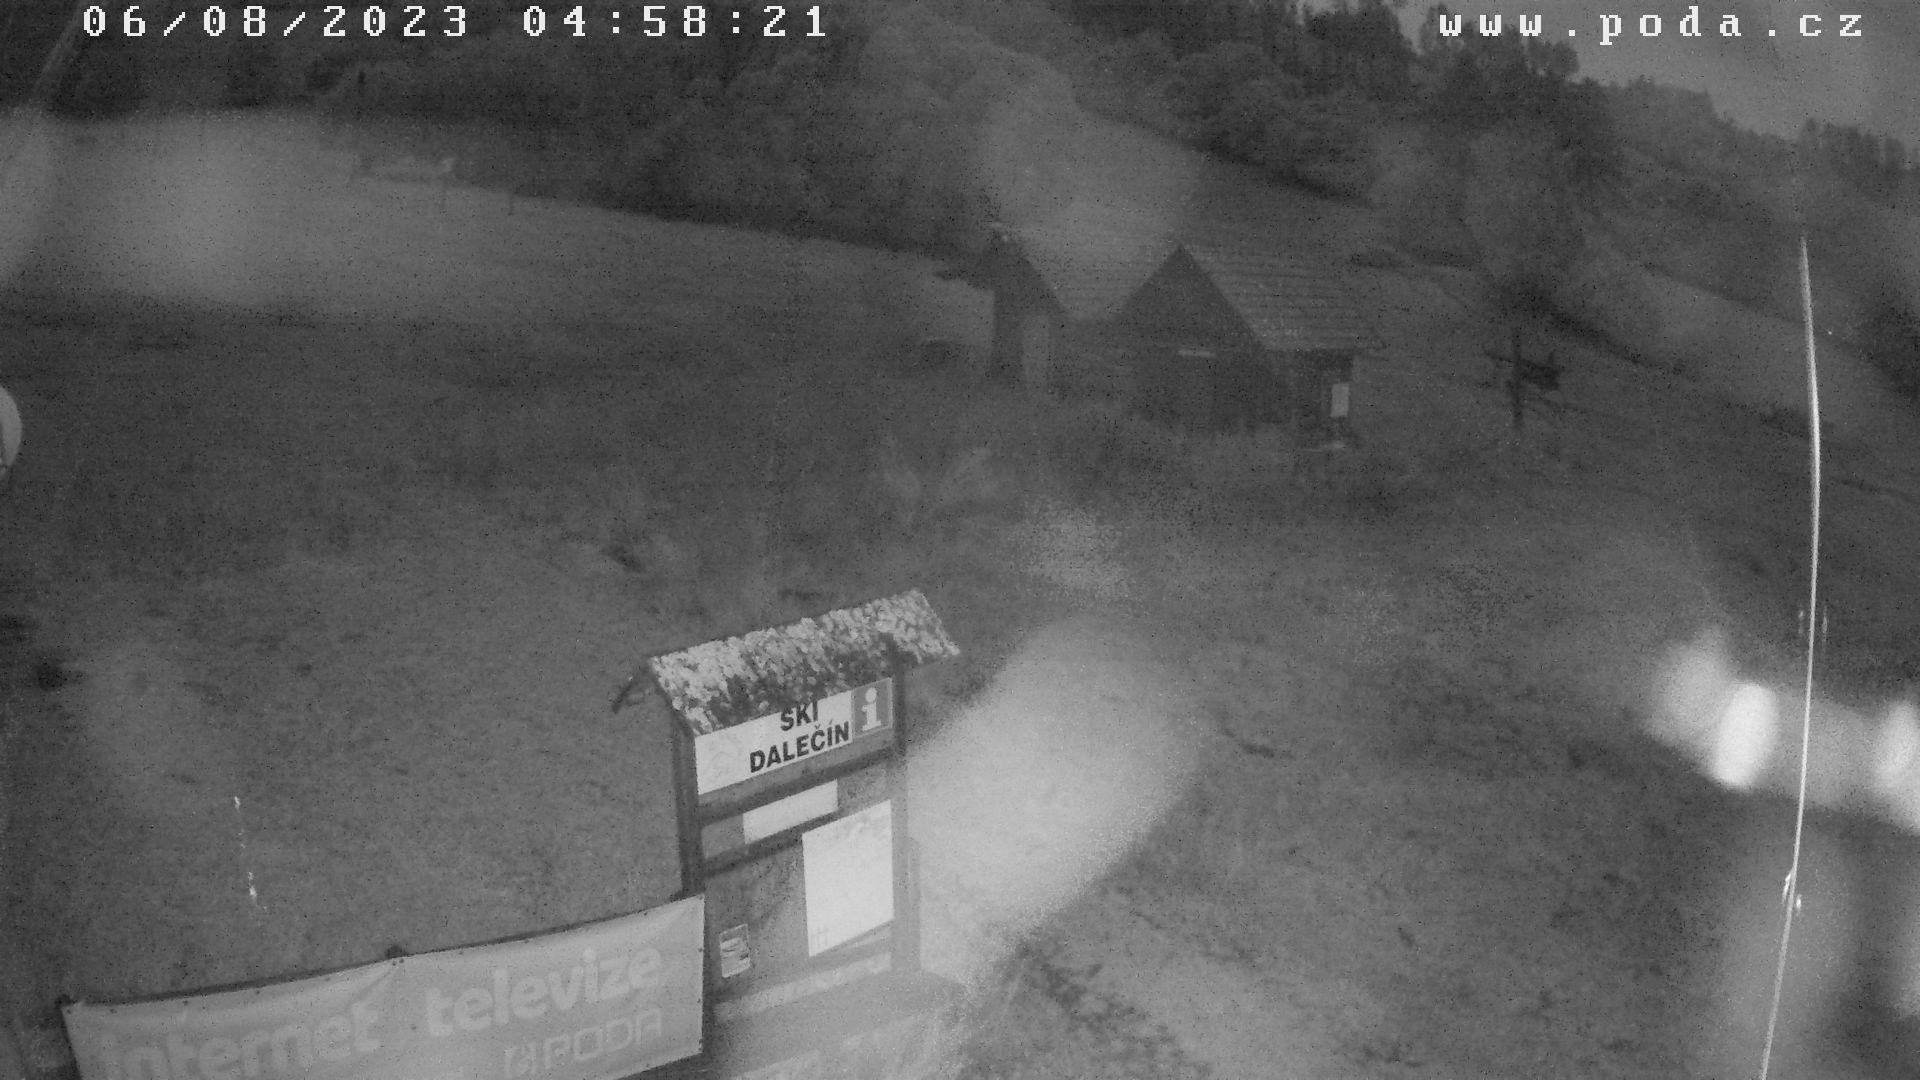 Webcam - Webkamera Ski Areál Dalečín